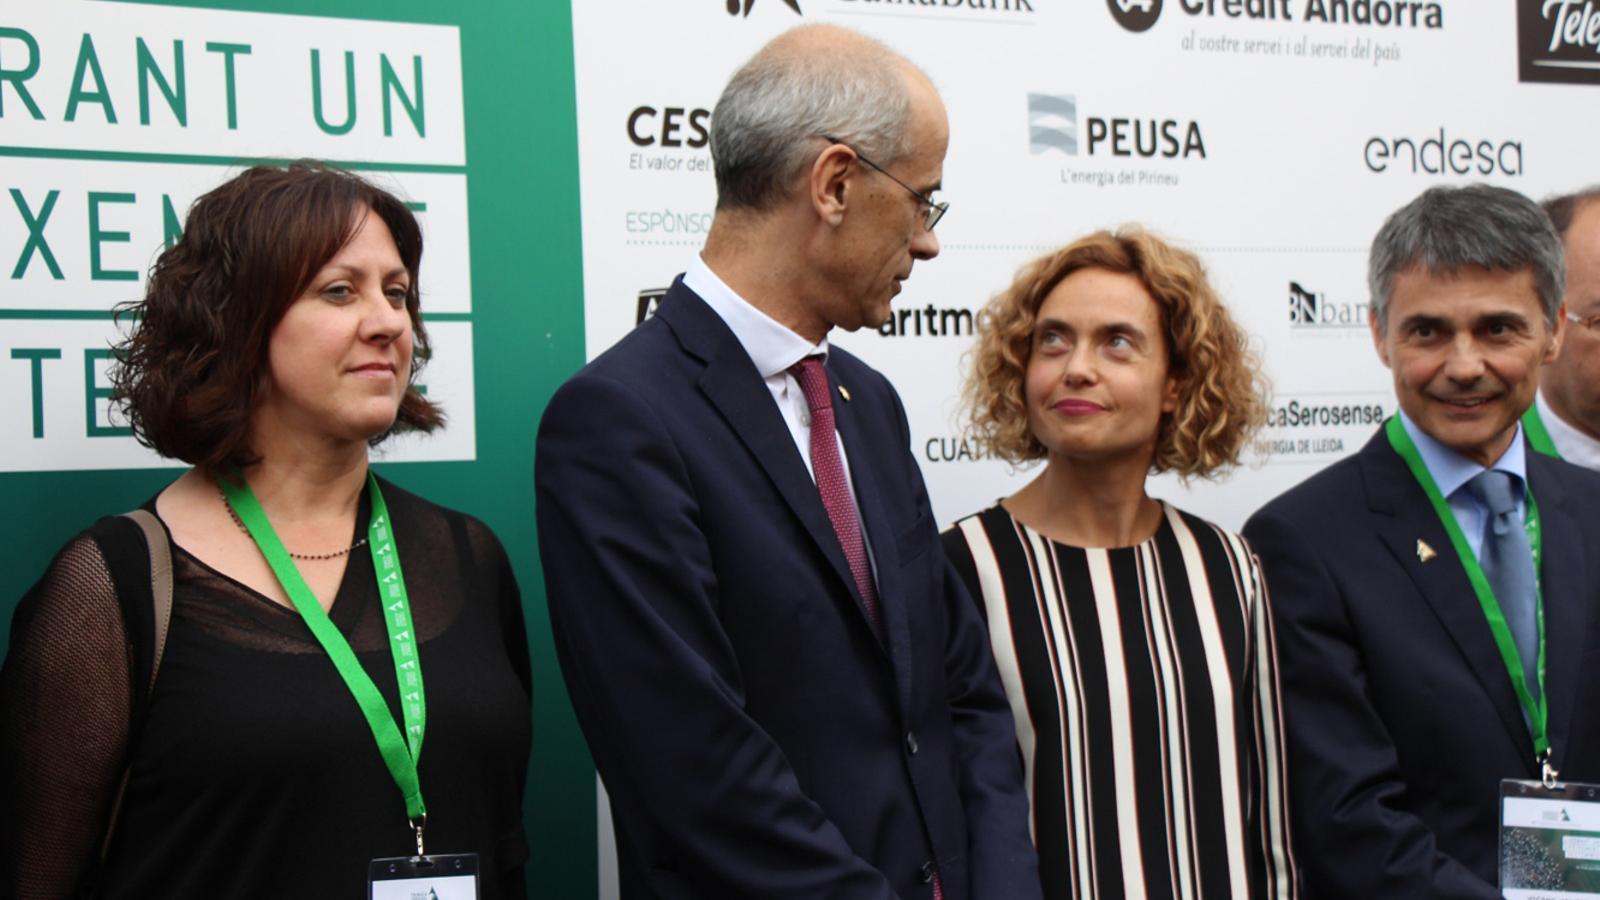 El cap de Govern, Toni Martí, i la ministra de Política Territorial i Funció Pública, Meritxell Batet, conversant durant la foto de grup de la cloenda de la Jornada Empresarial al Pirineu. / L.M. (ANA)